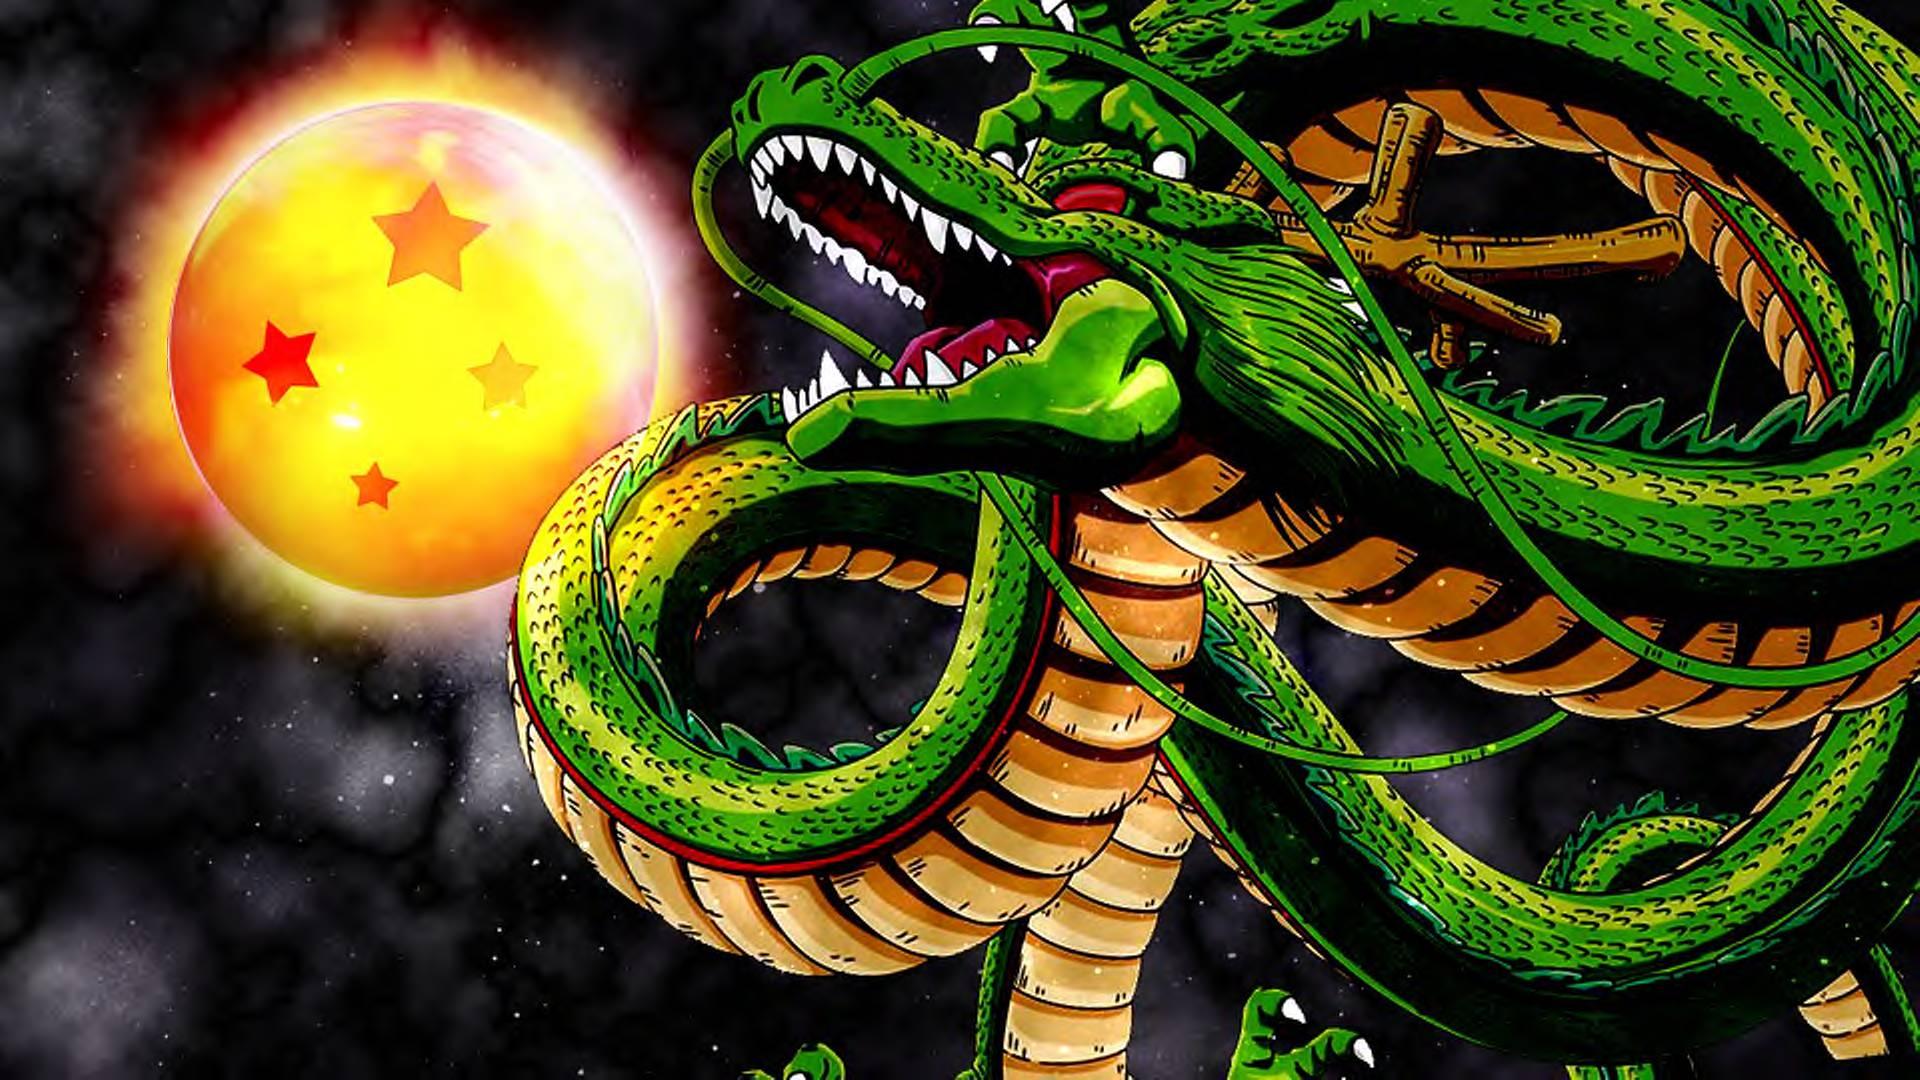 Dragon Ball Z wallpaper 21